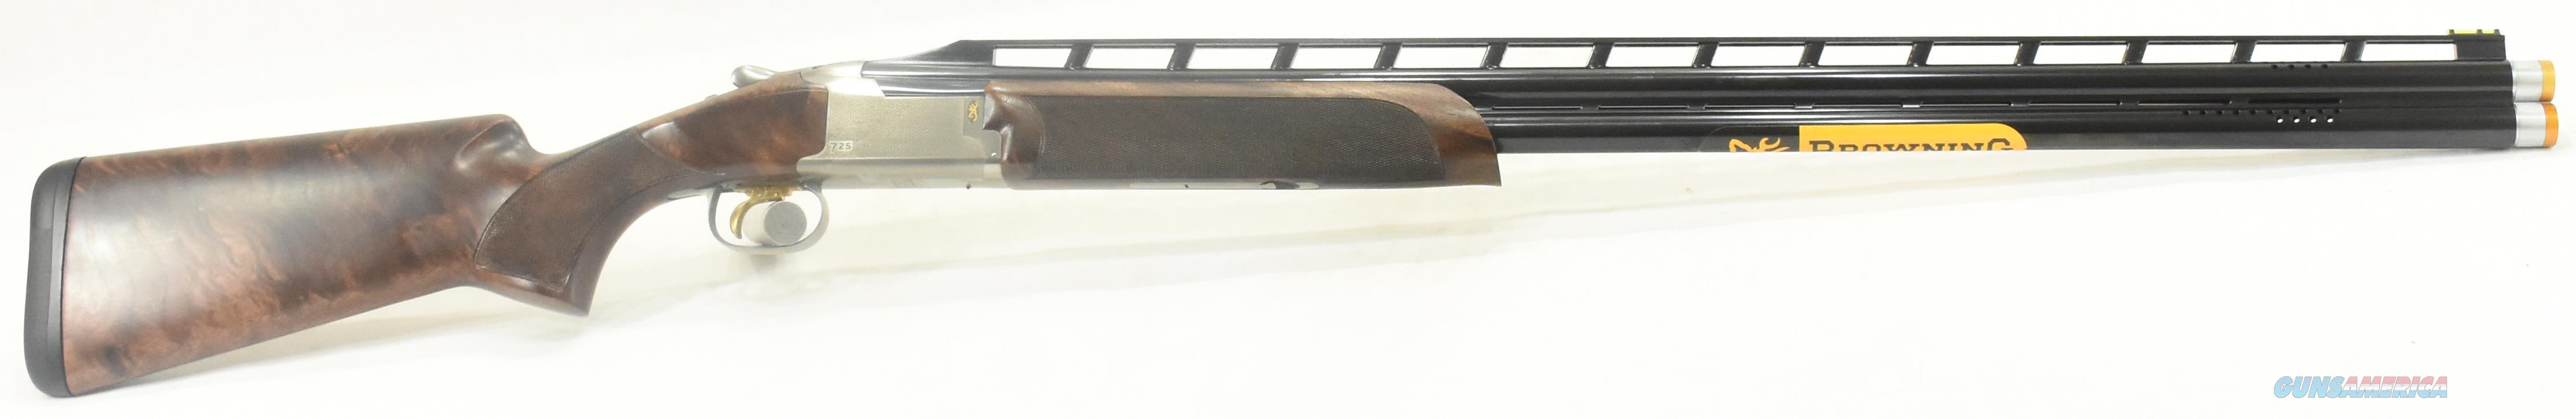 Citori 725 HR Sptg 12Ga 32-3In  0180553009  Guns > Shotguns > Browning Shotguns > Over Unders > Citori > Trap/Skeet